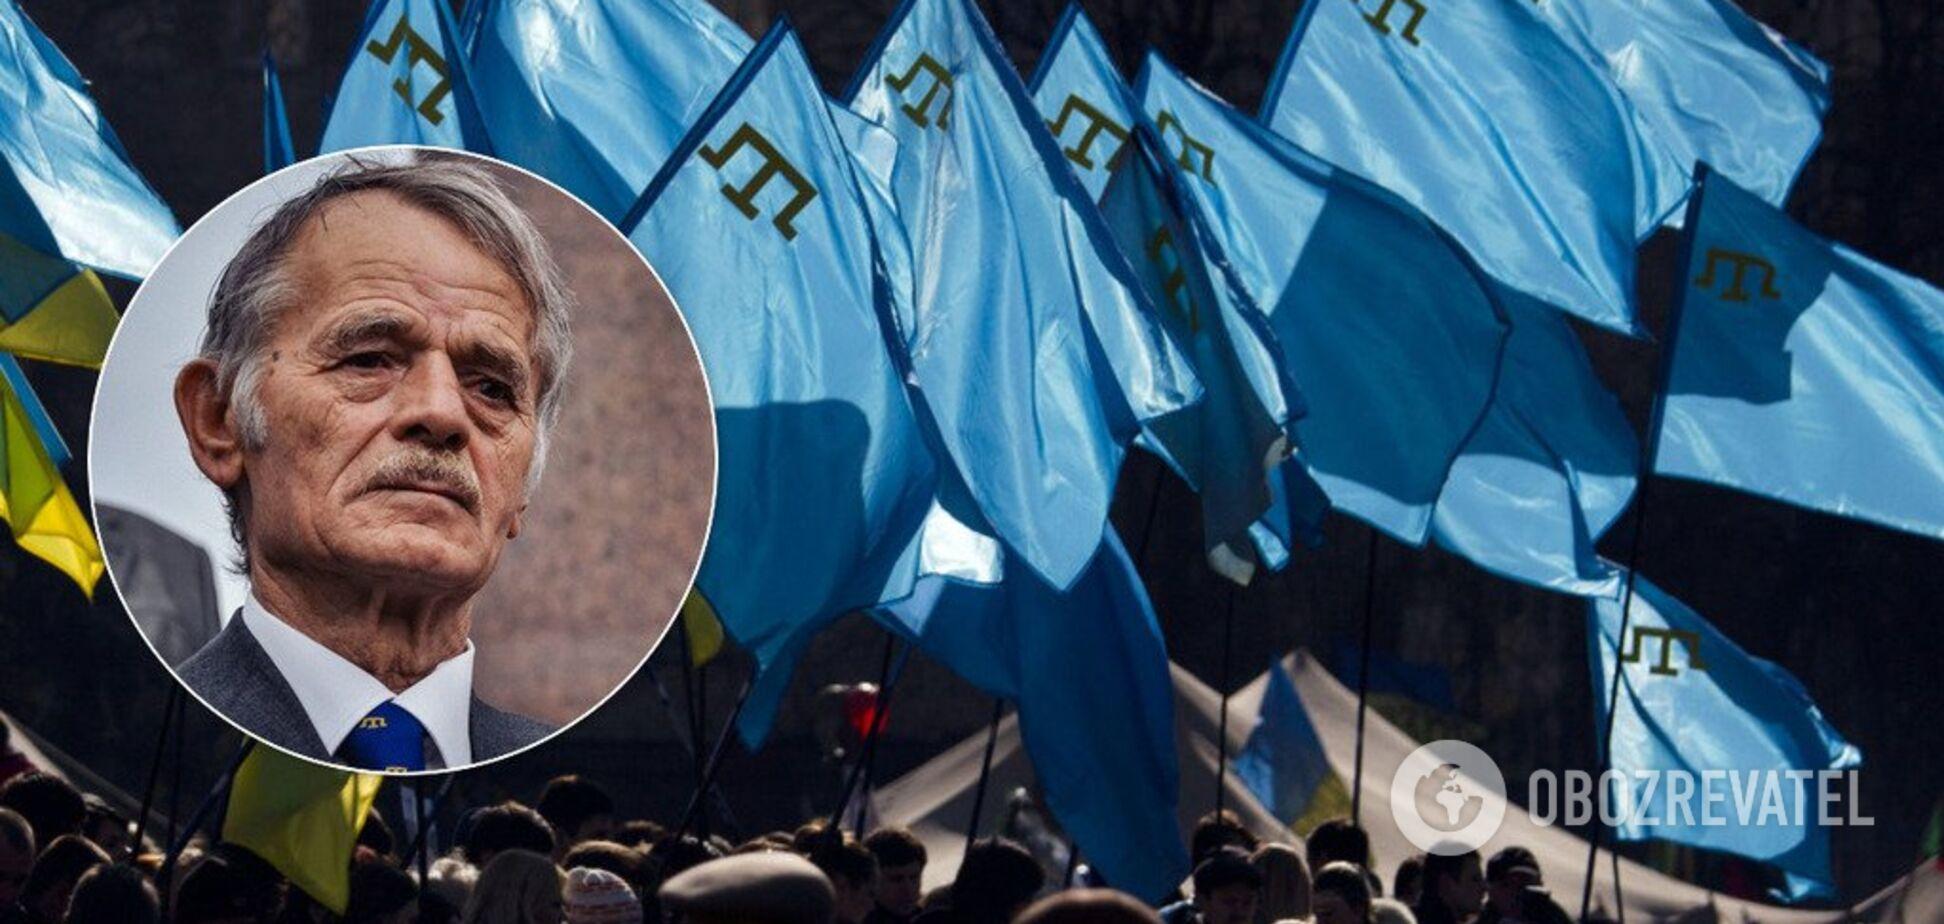 'Ми йдемо маршем': Джемілєв розповів про 'прорив' до Криму